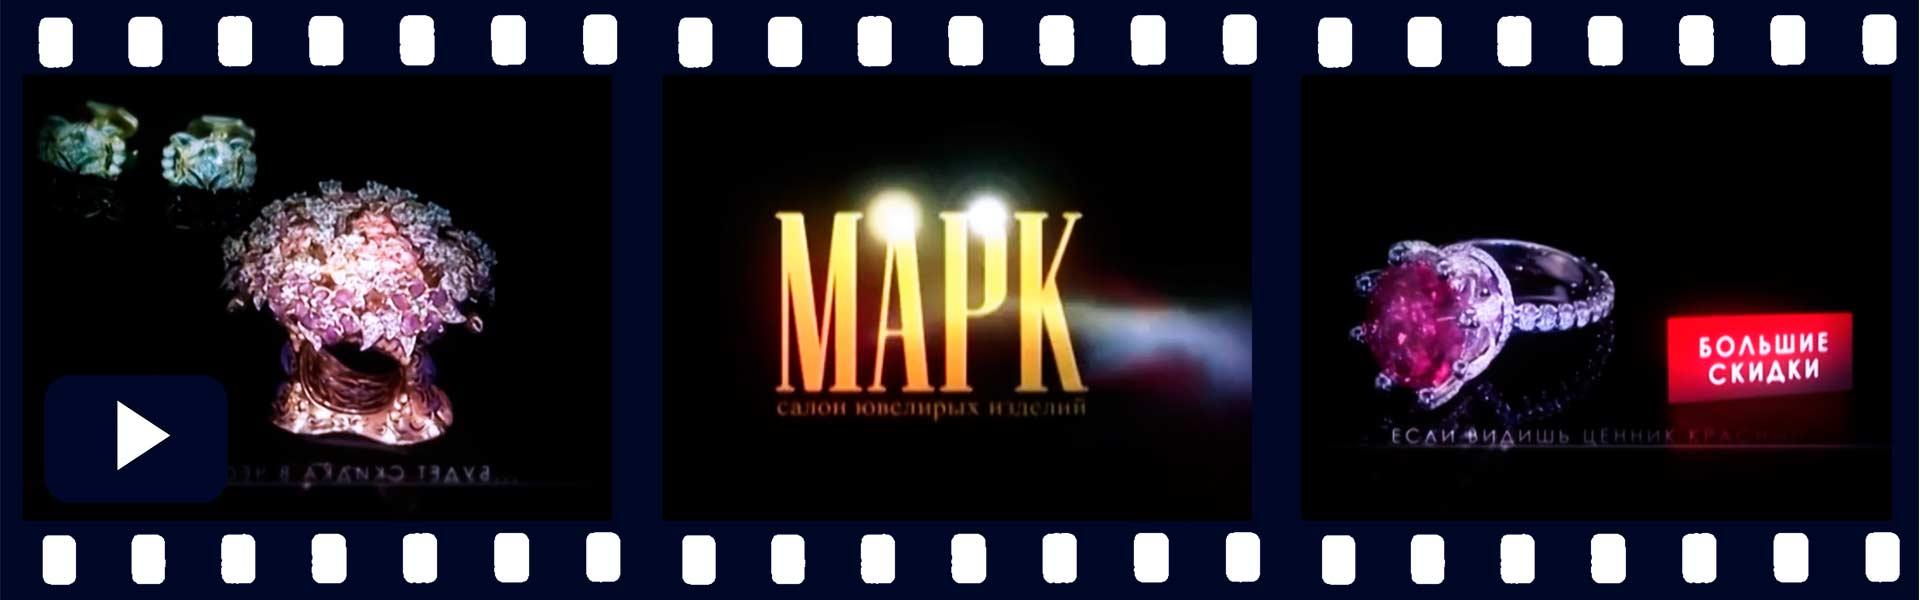 Телереклама для салона ювелирных украшений «Марк»